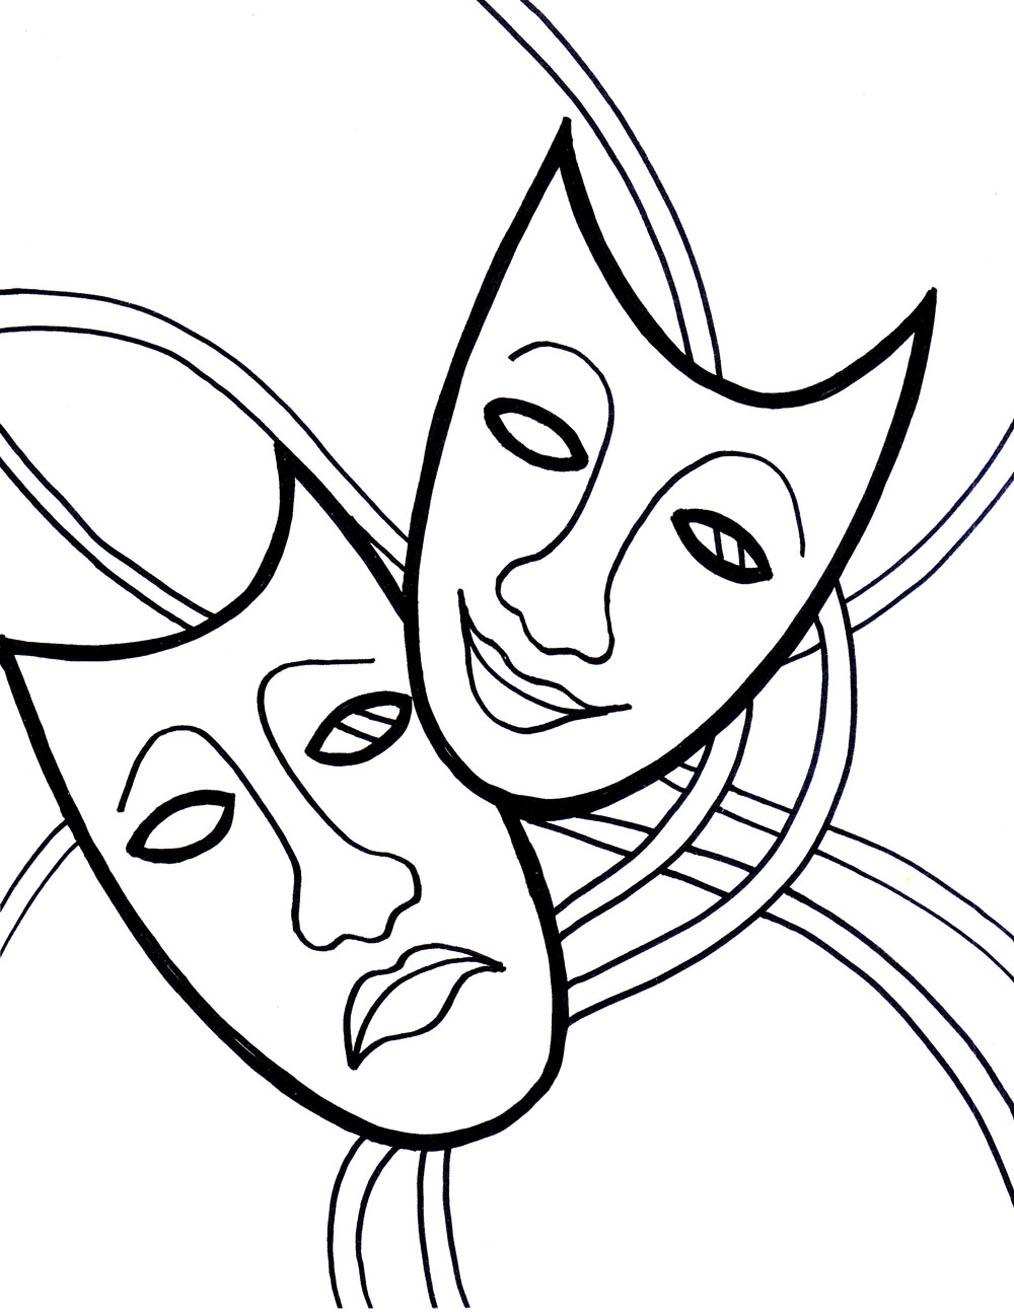 Carnaval masques content triste coloriage carnaval - Dessin de masque de carnaval ...